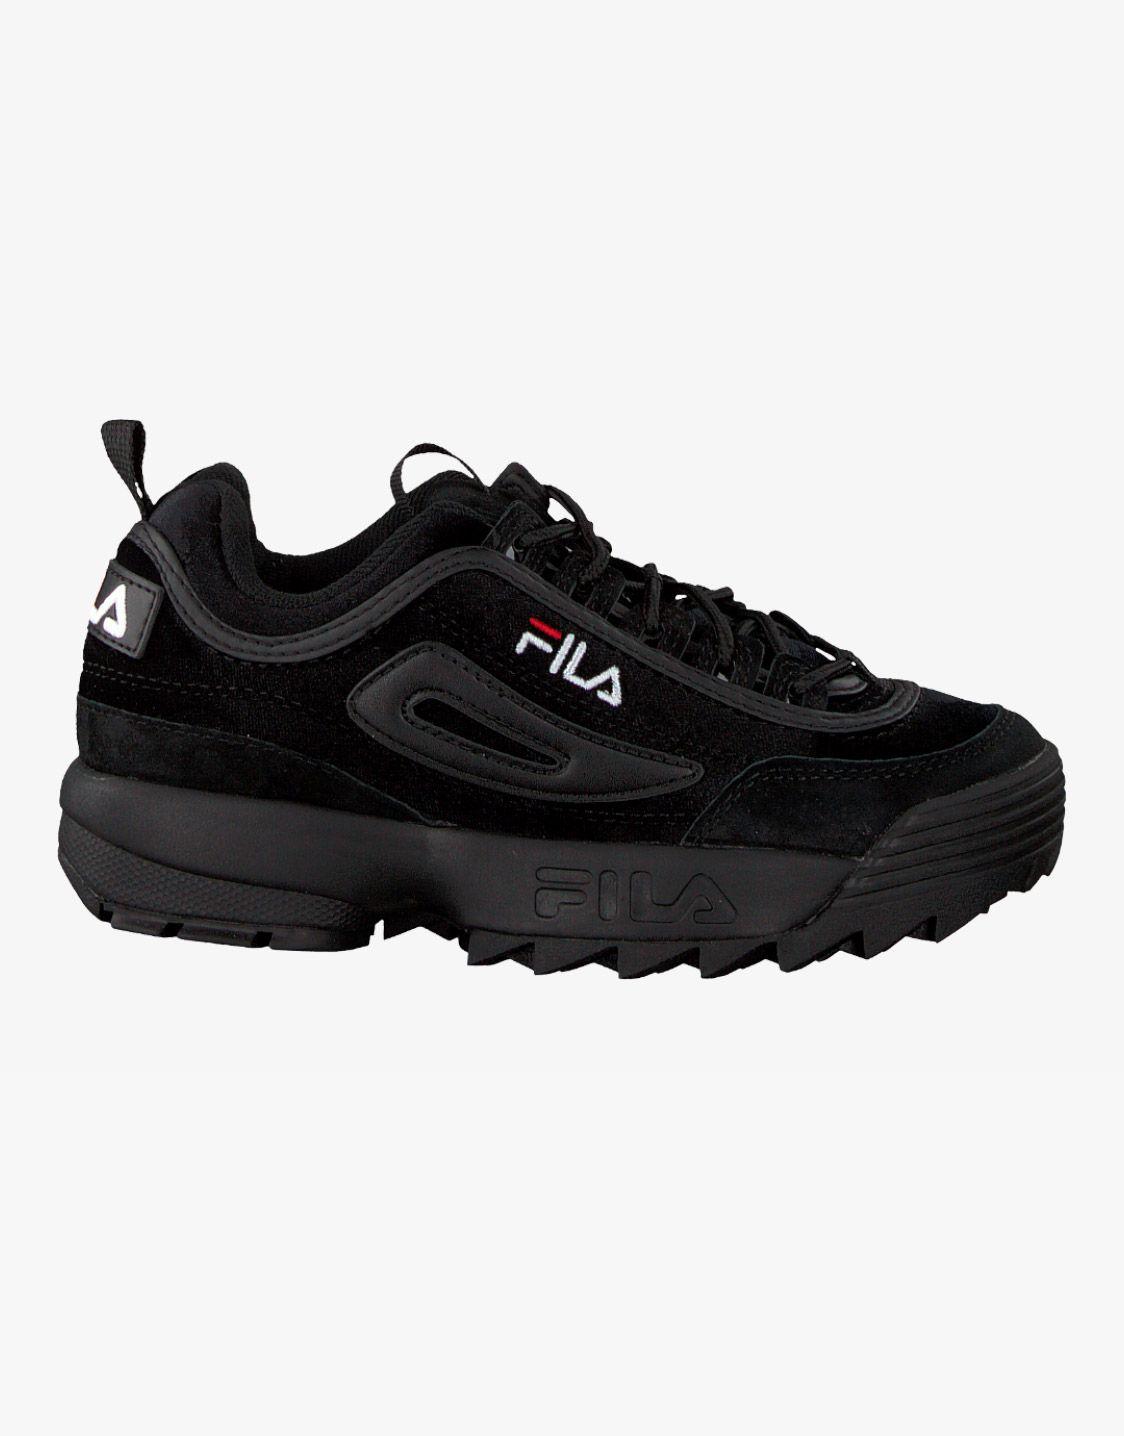 FILA Disruptor black velvet | Preto